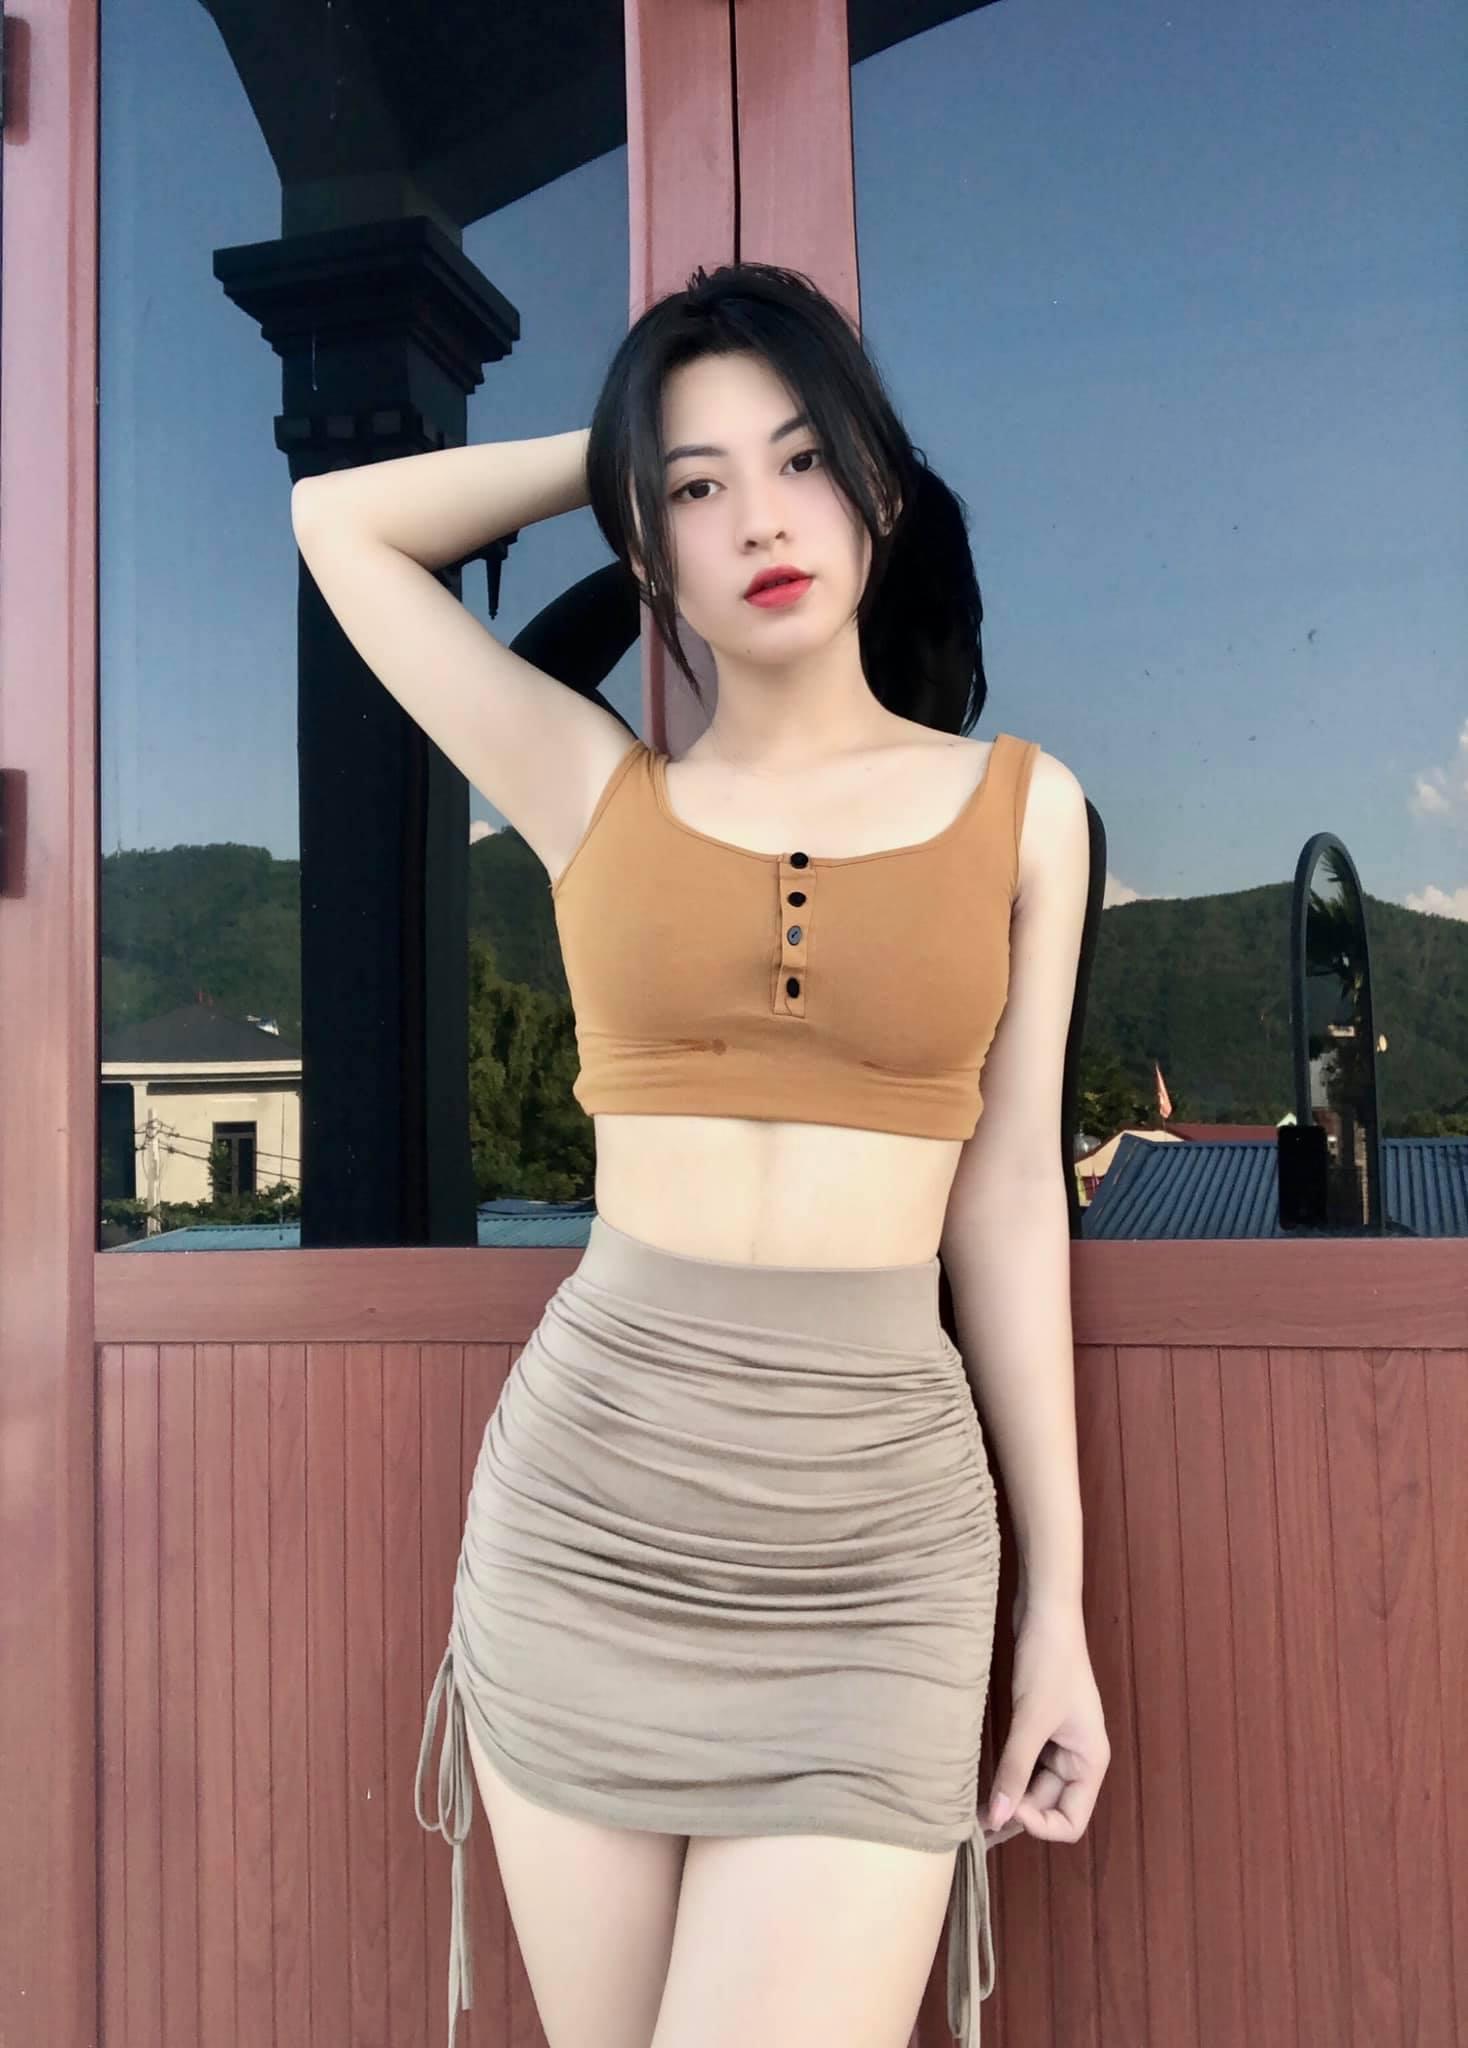 30+ Ảnh Gái Xinh Mặc Váy Ngắn Khoe Đùi Gợi Cảm & Quyến Rũ